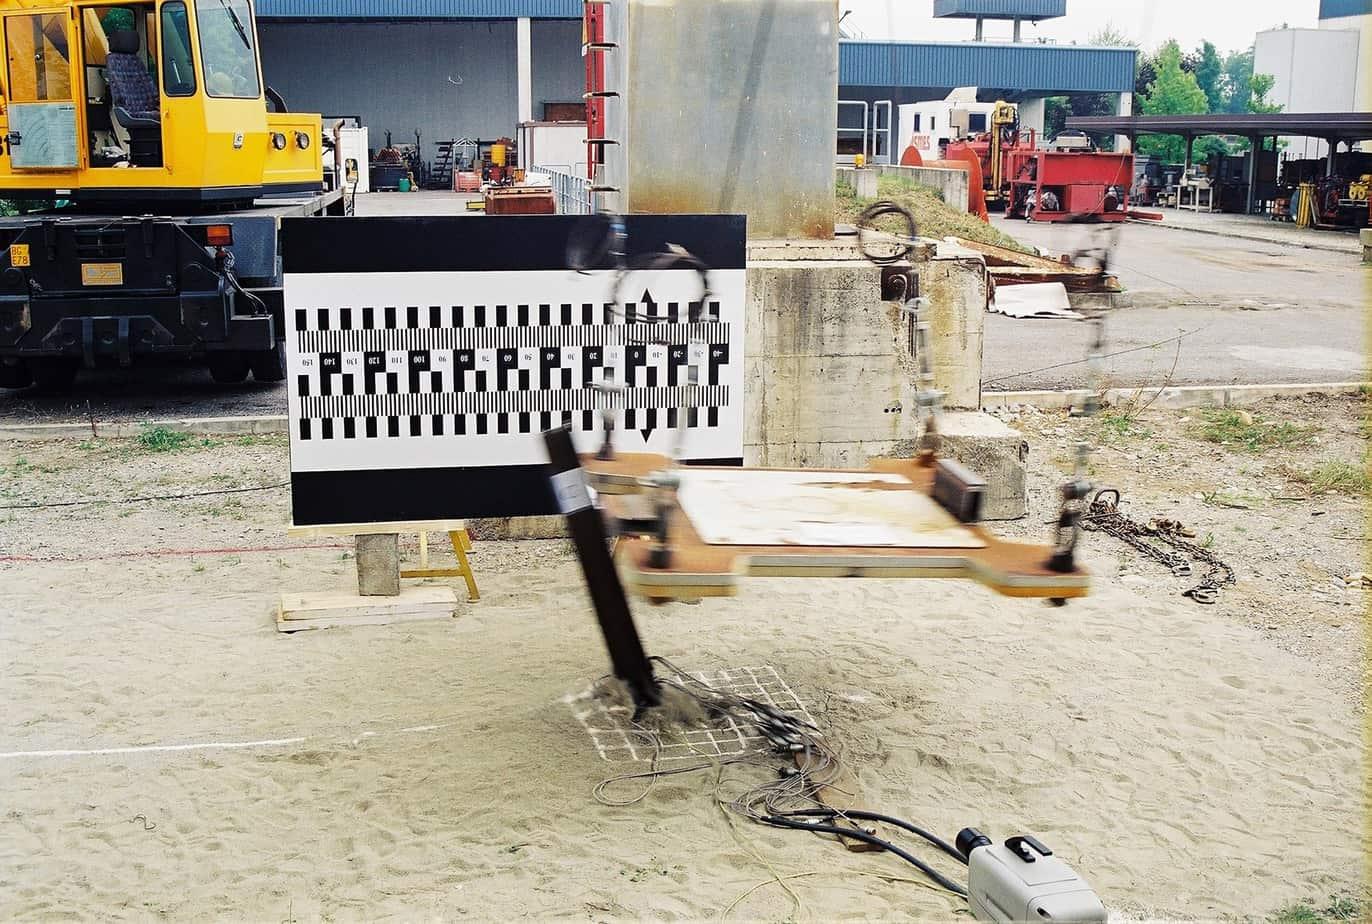 L'interazione dinamica terreno-struttura che si verifica allorché ai montanti di una barriera di sicurezza viene trasmessa l'energia cinetica derivante da un urto è un fenomeno abbastanza complesso e relativamente poco conosciuto